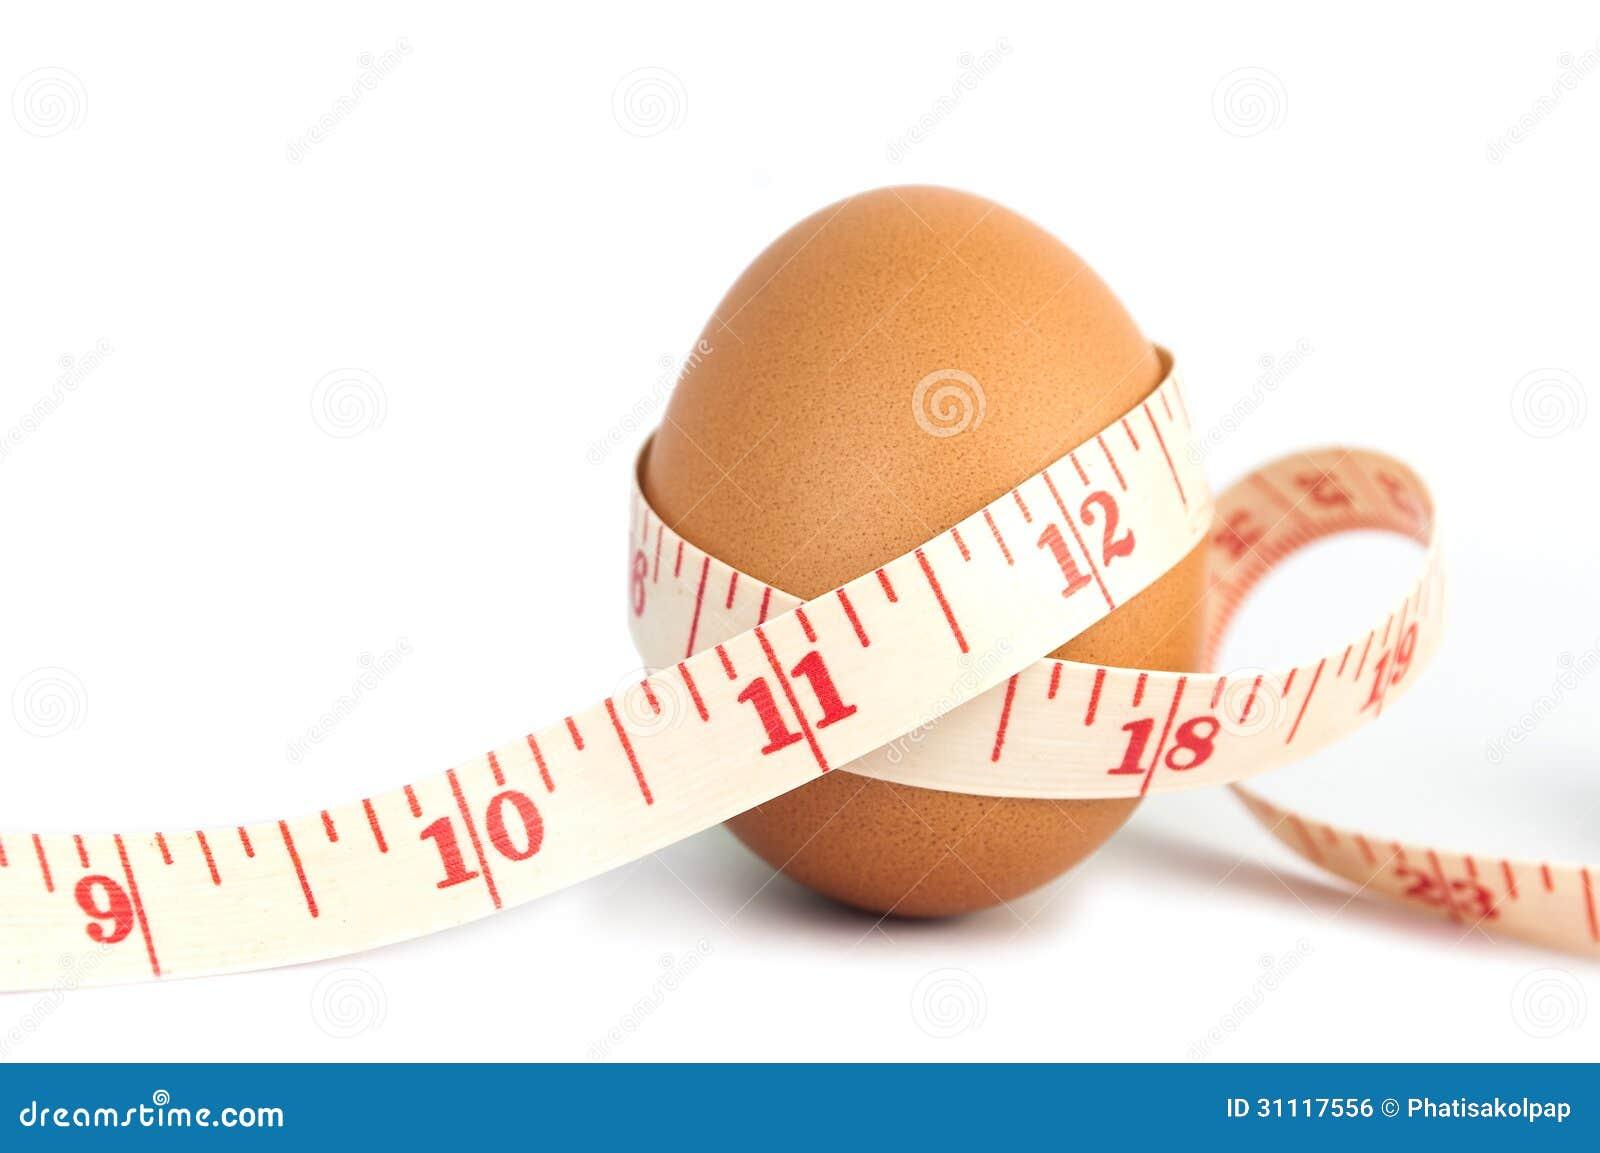 Fita da medida envolvida em torno do ovo